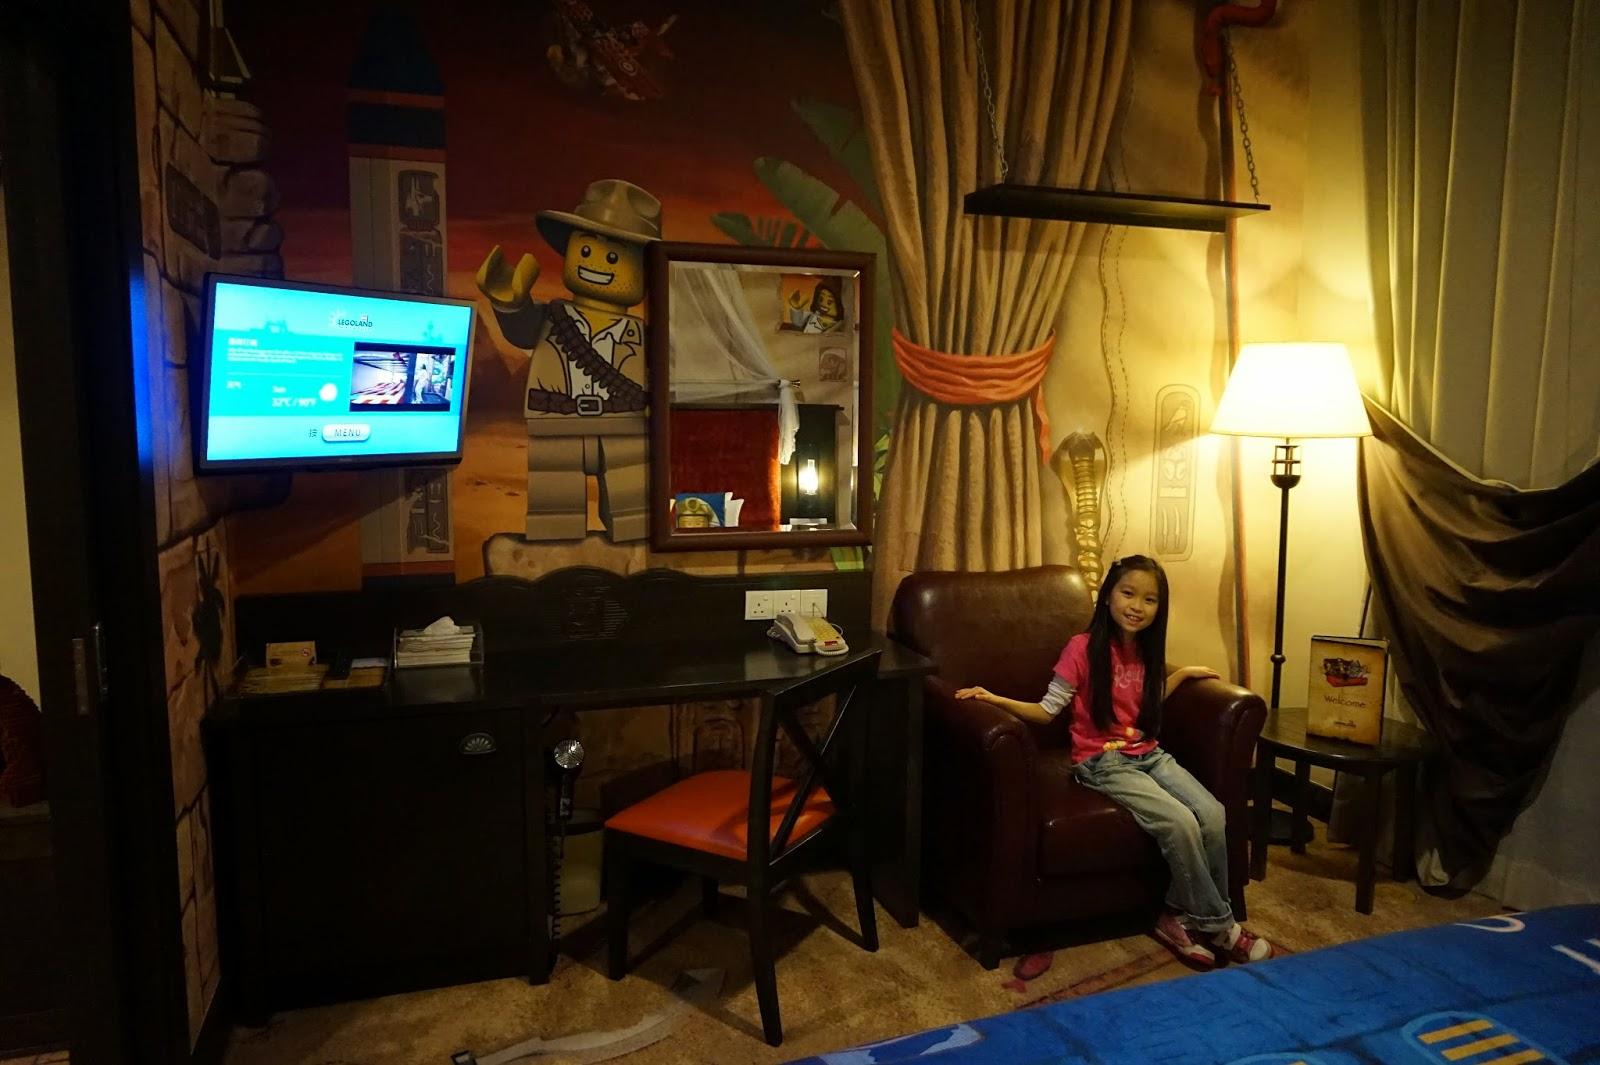 恩祈媽咪blog 全家遊馬來西亞新加坡 2015 01 29 Day 1 新山legoland Hotel